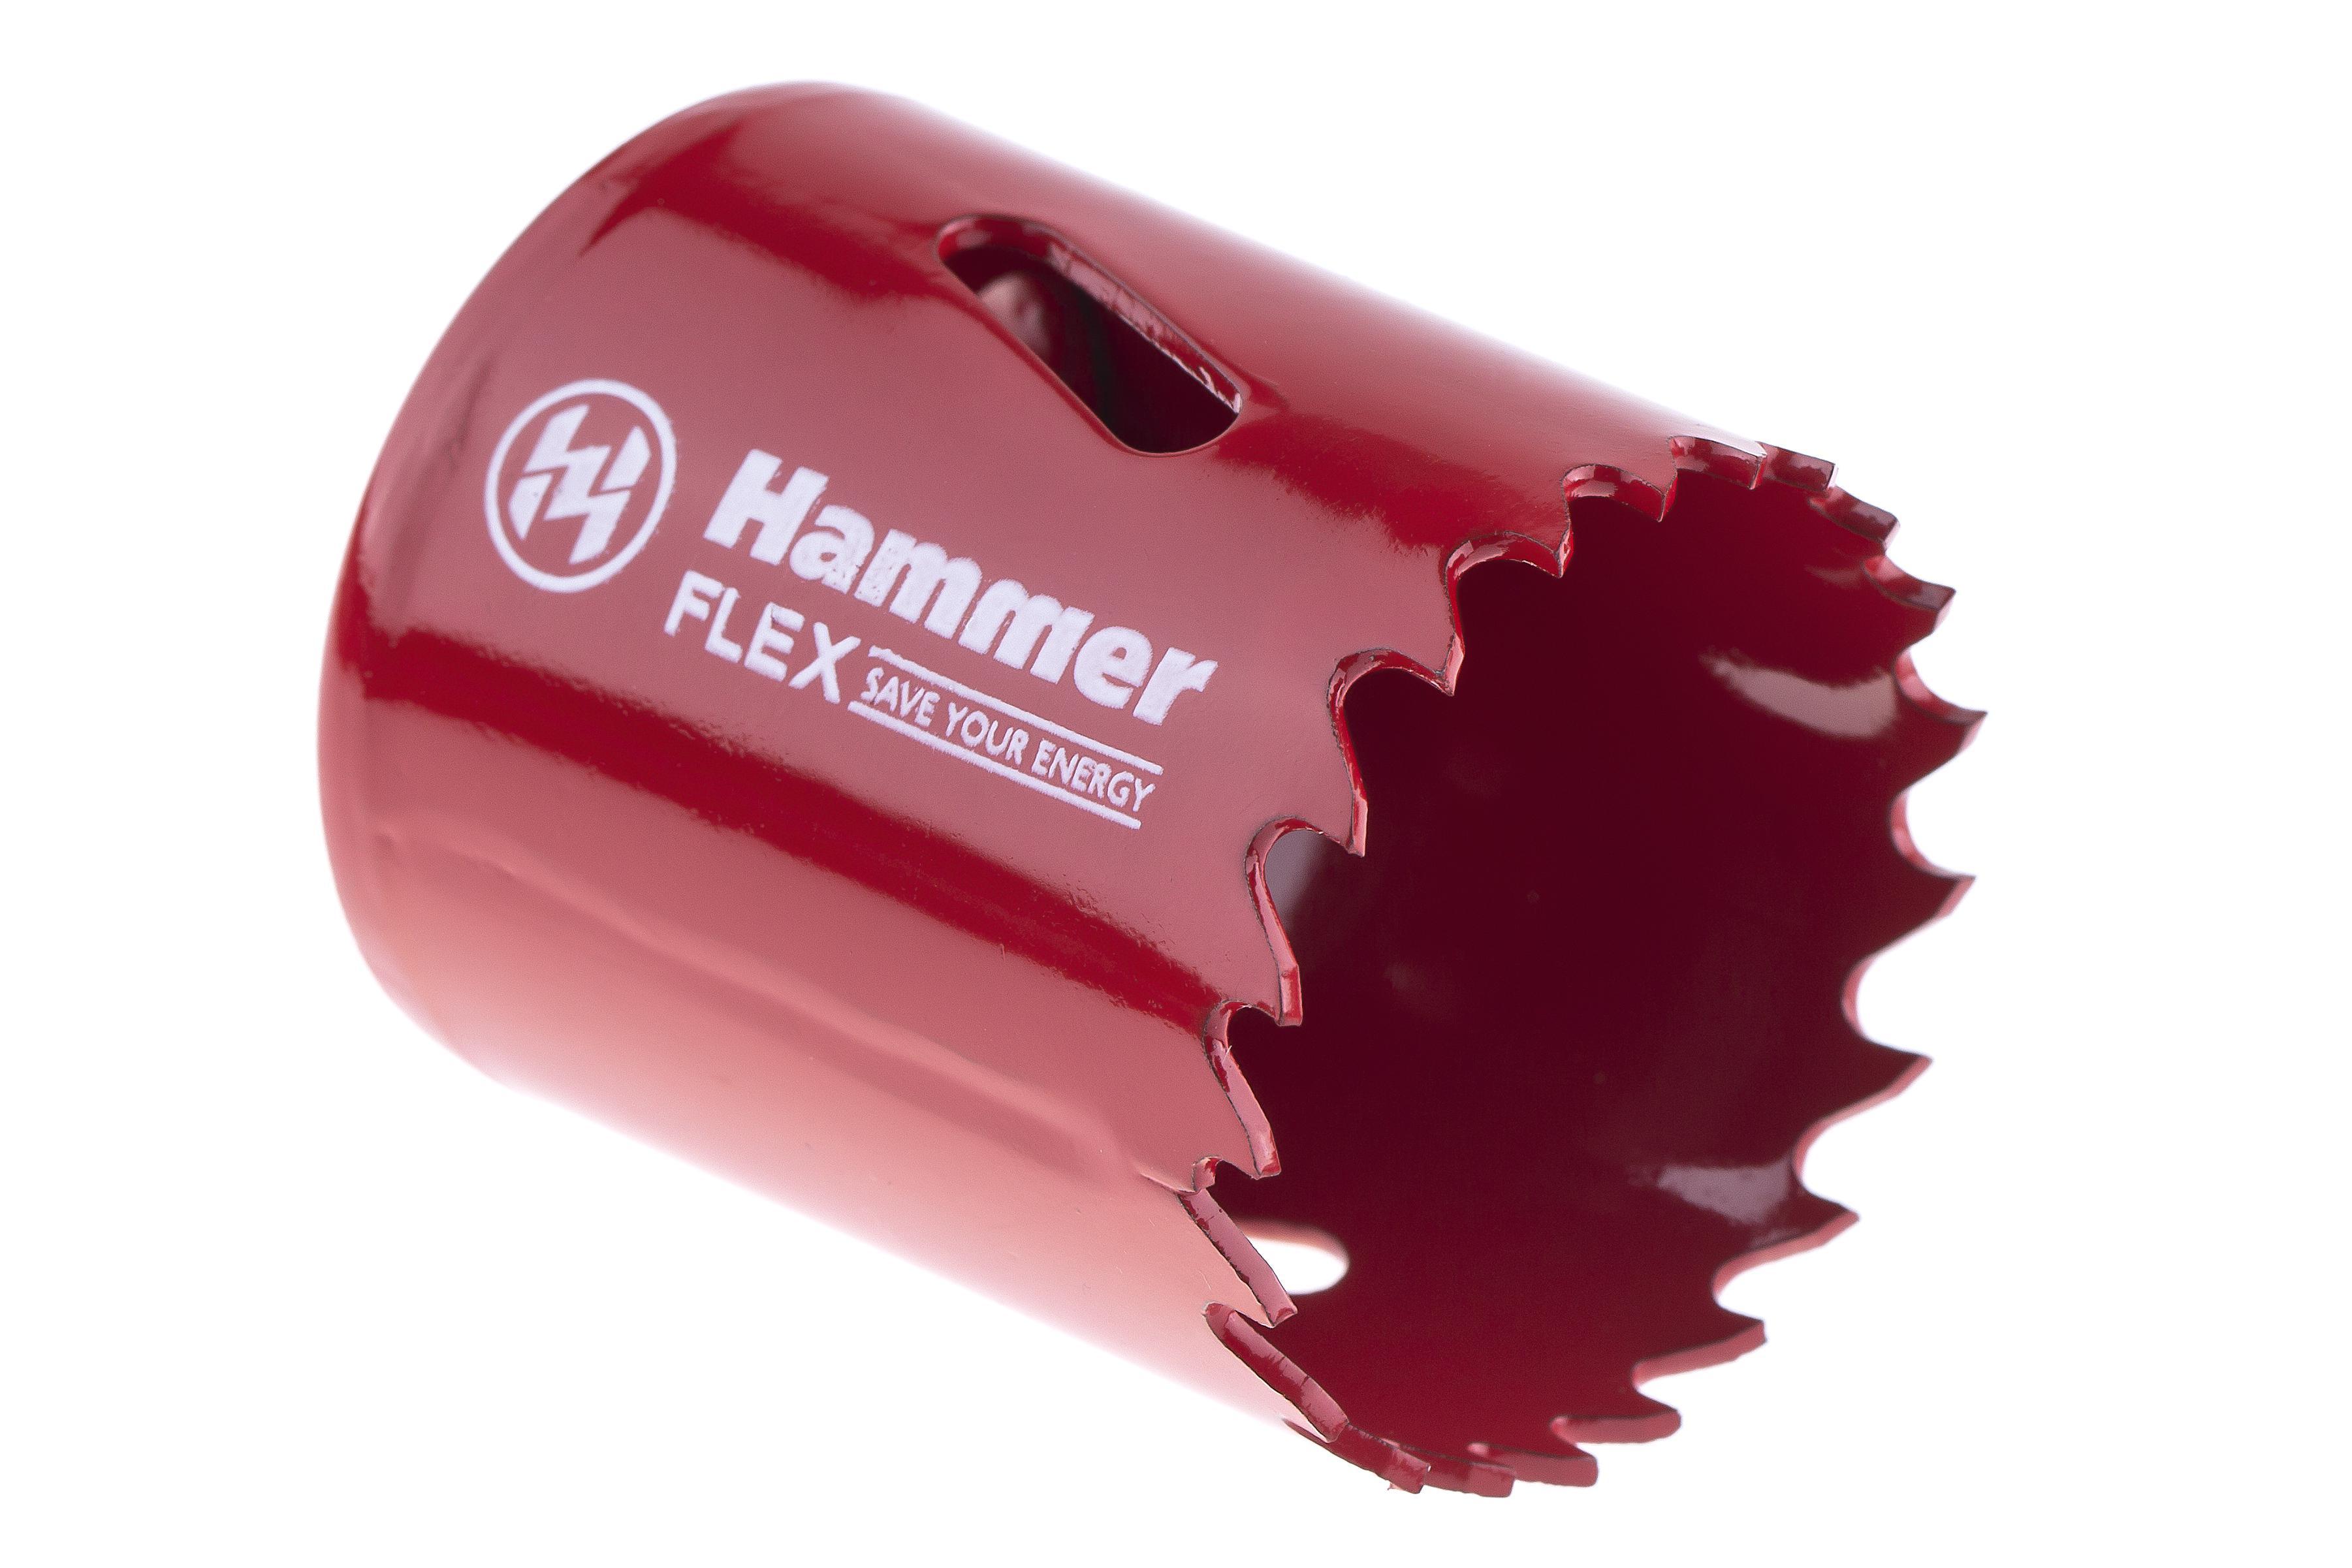 Коронка биметаллическая Hammer 224-008 bimetall 38 мм коронка биметаллическая hammer 224 011 bimetall 57 мм